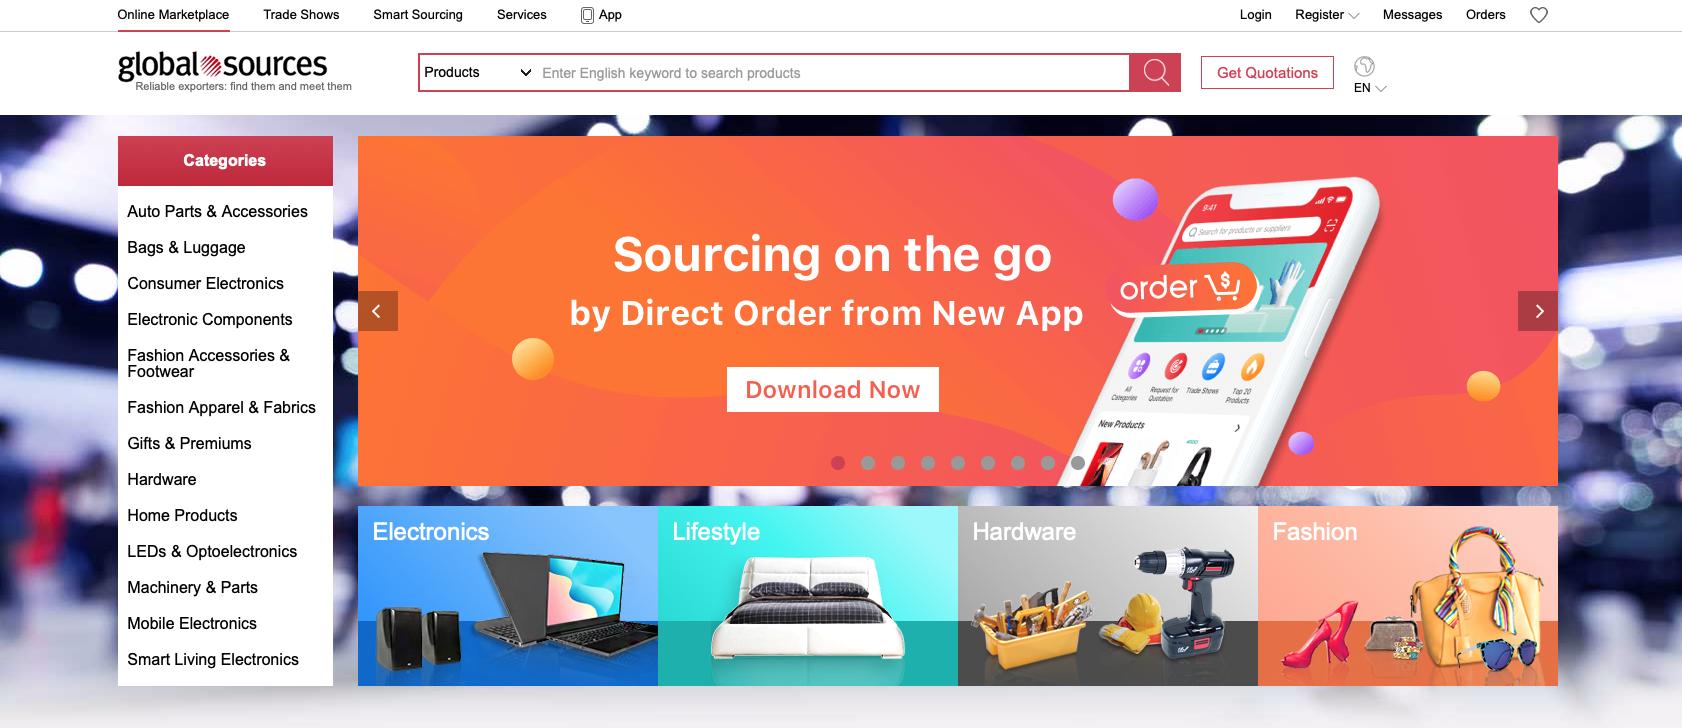 Global Sources website